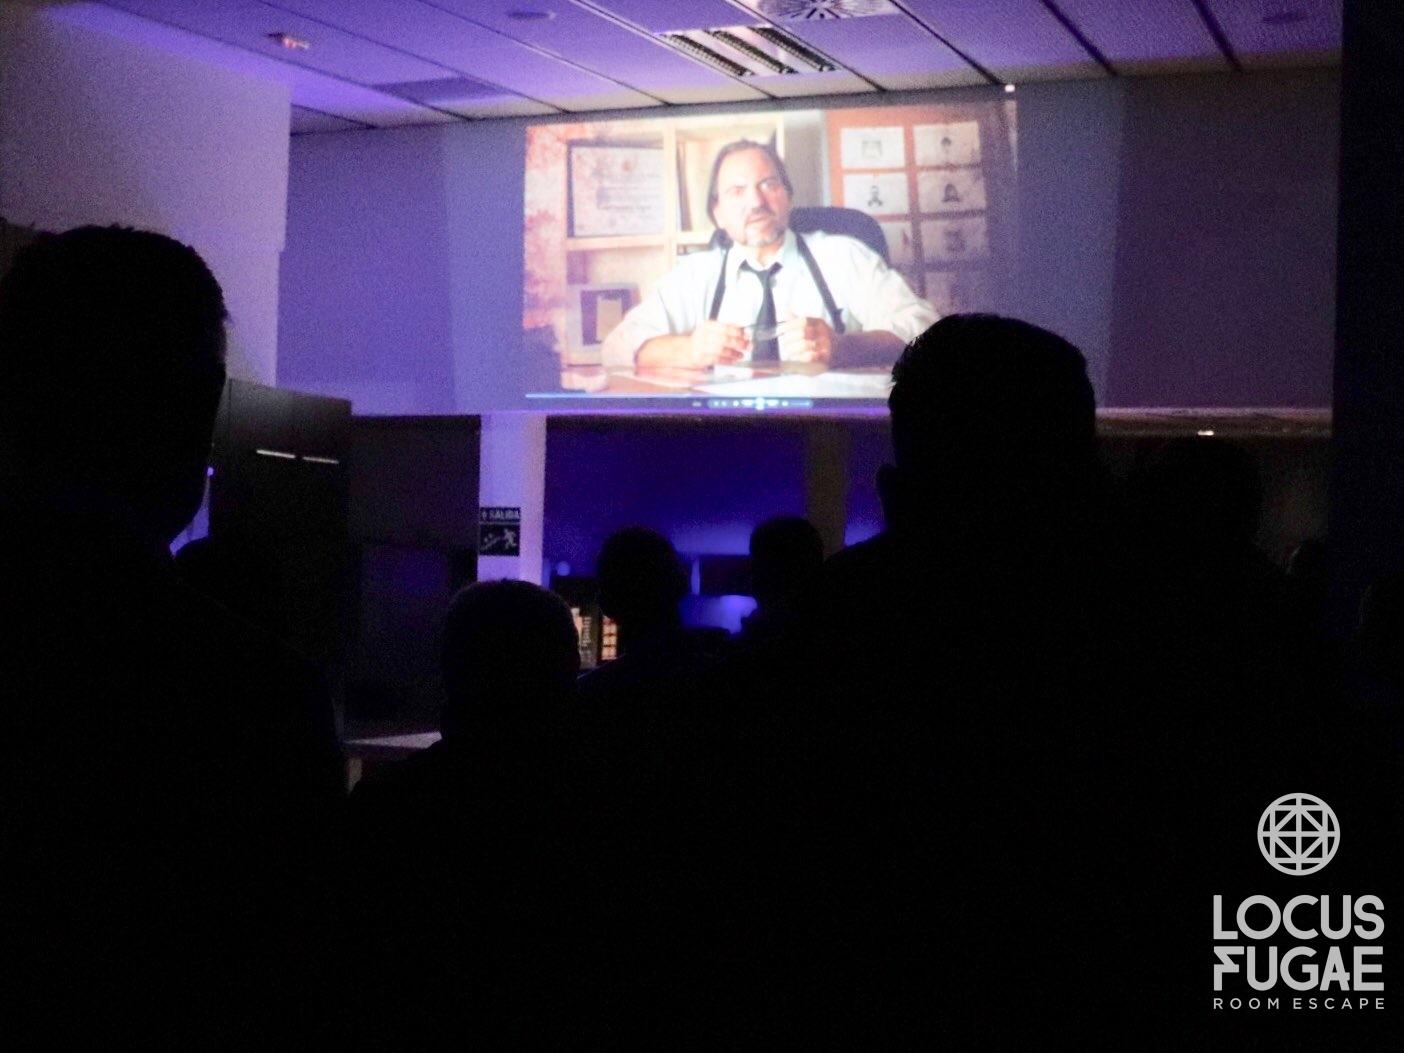 Juego Portátil - Video